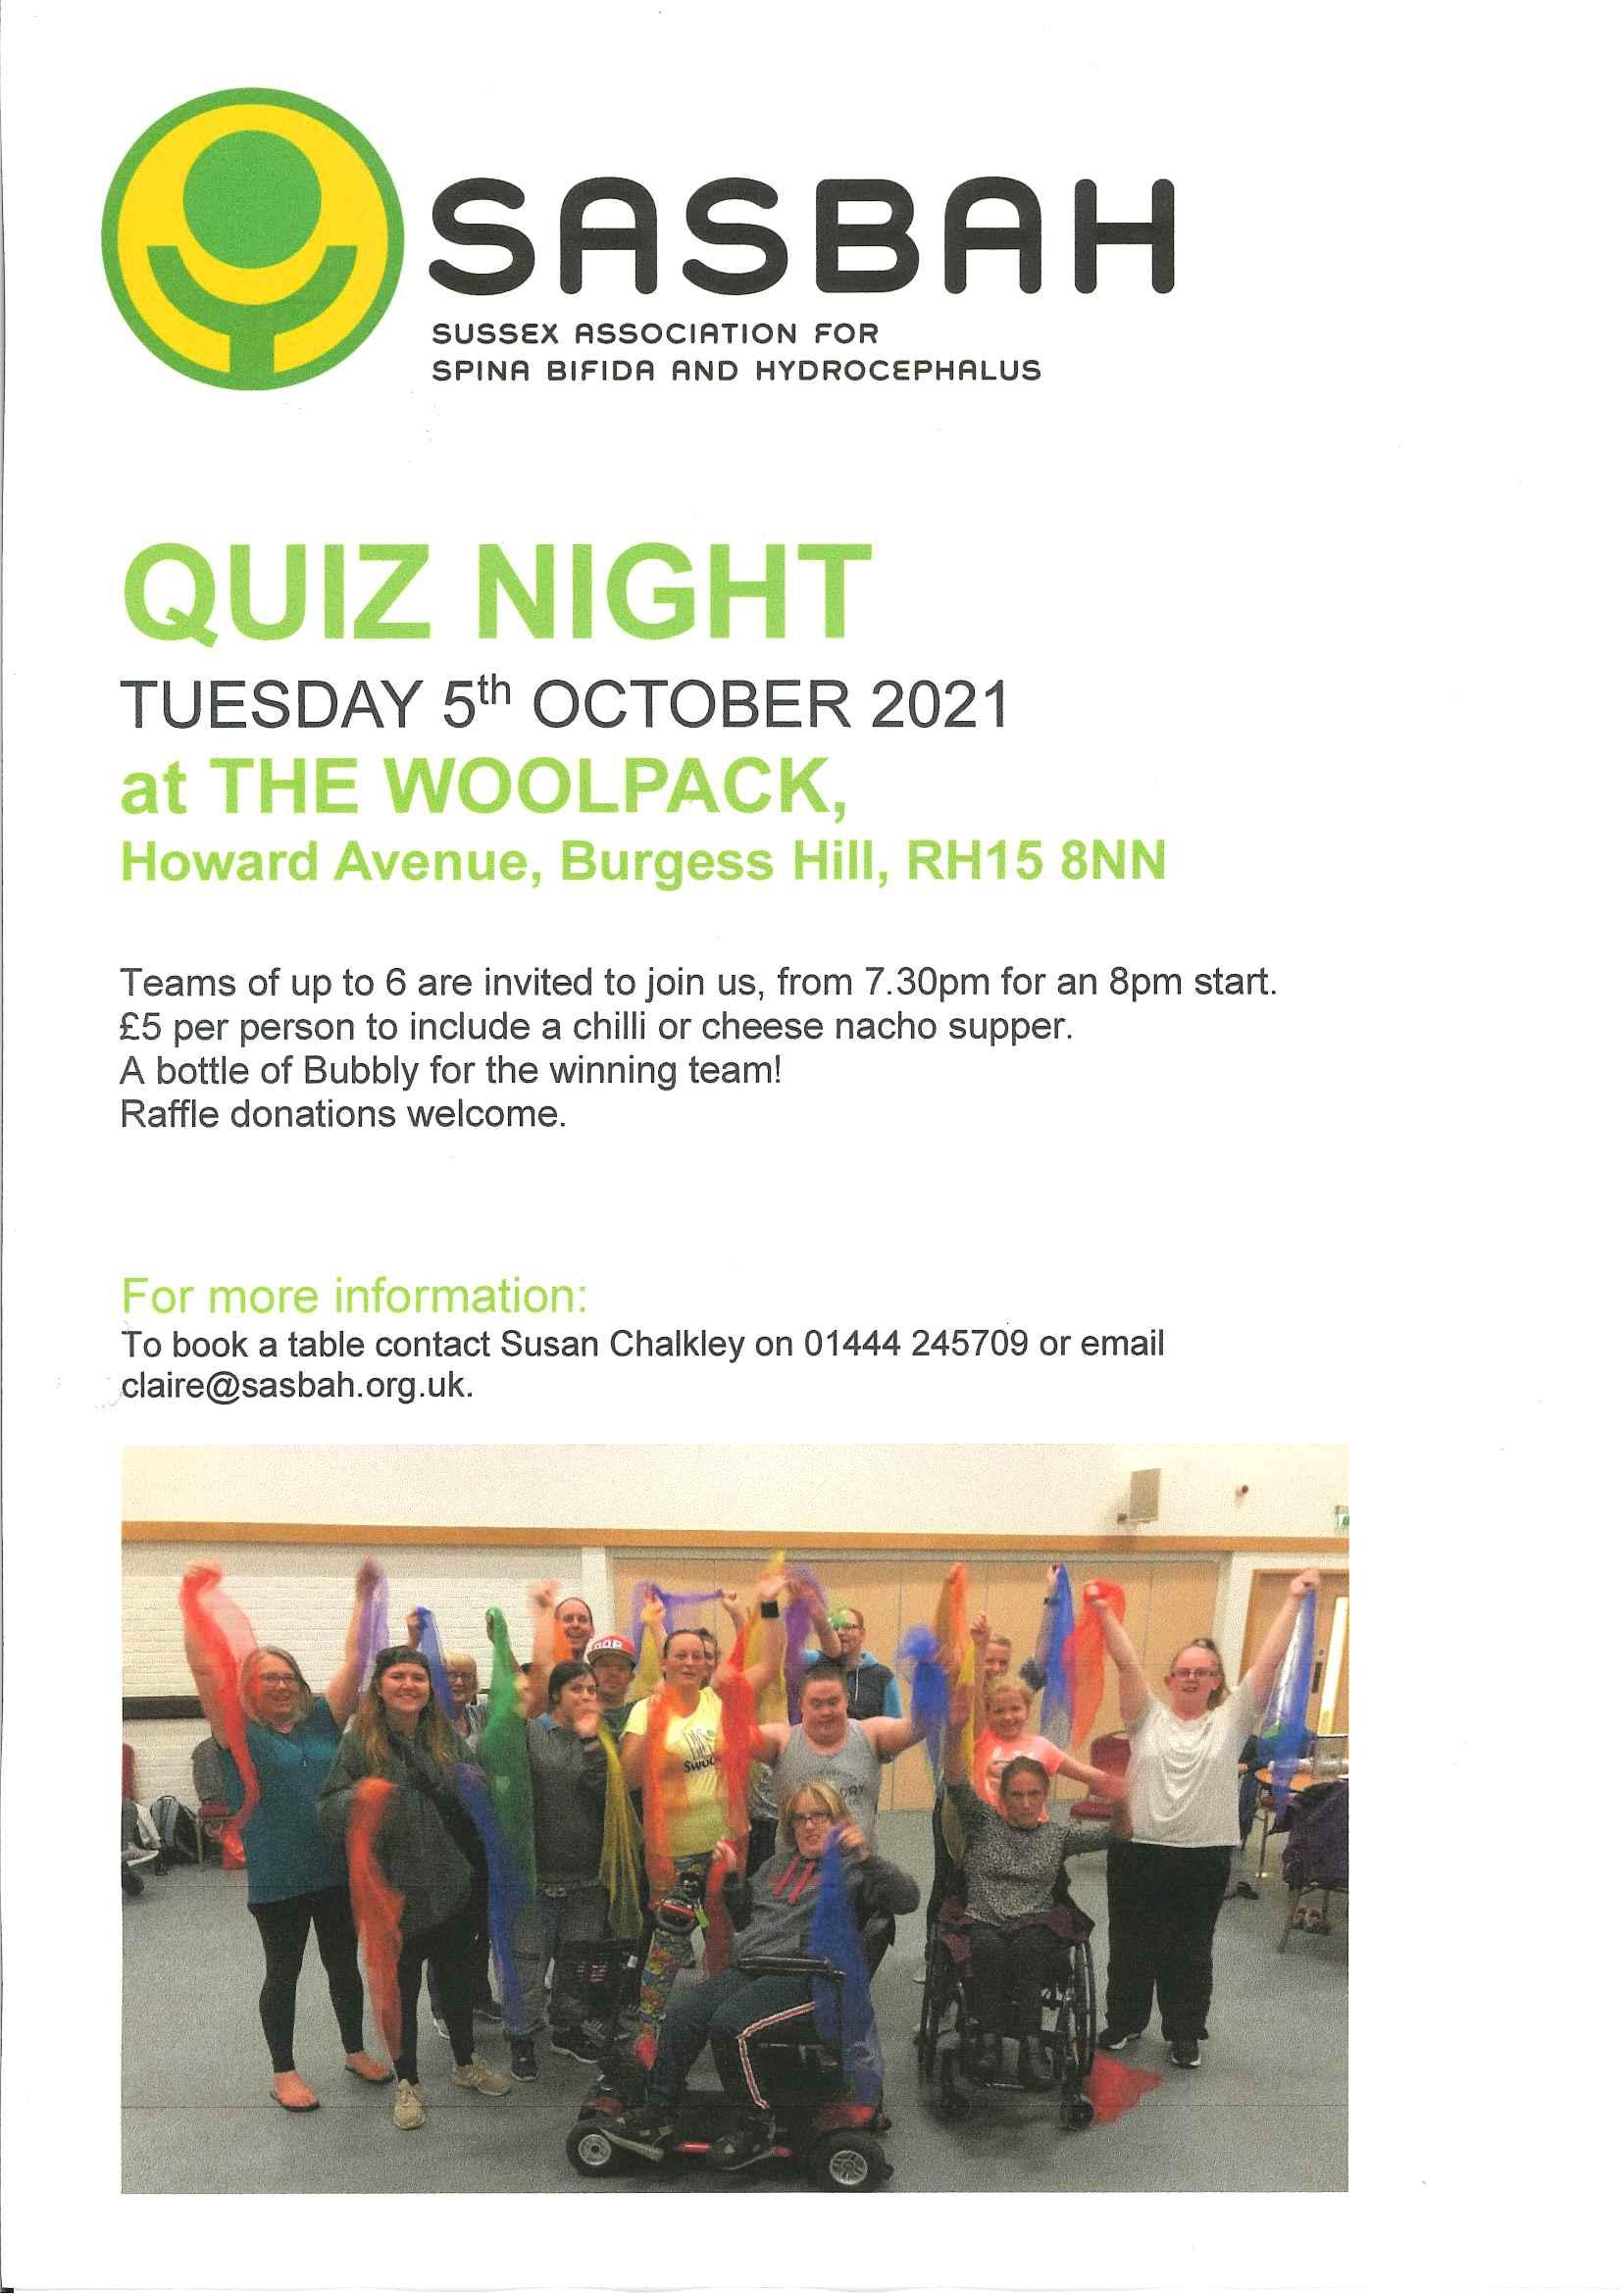 SASBAH Quiz Night at the Woolpack